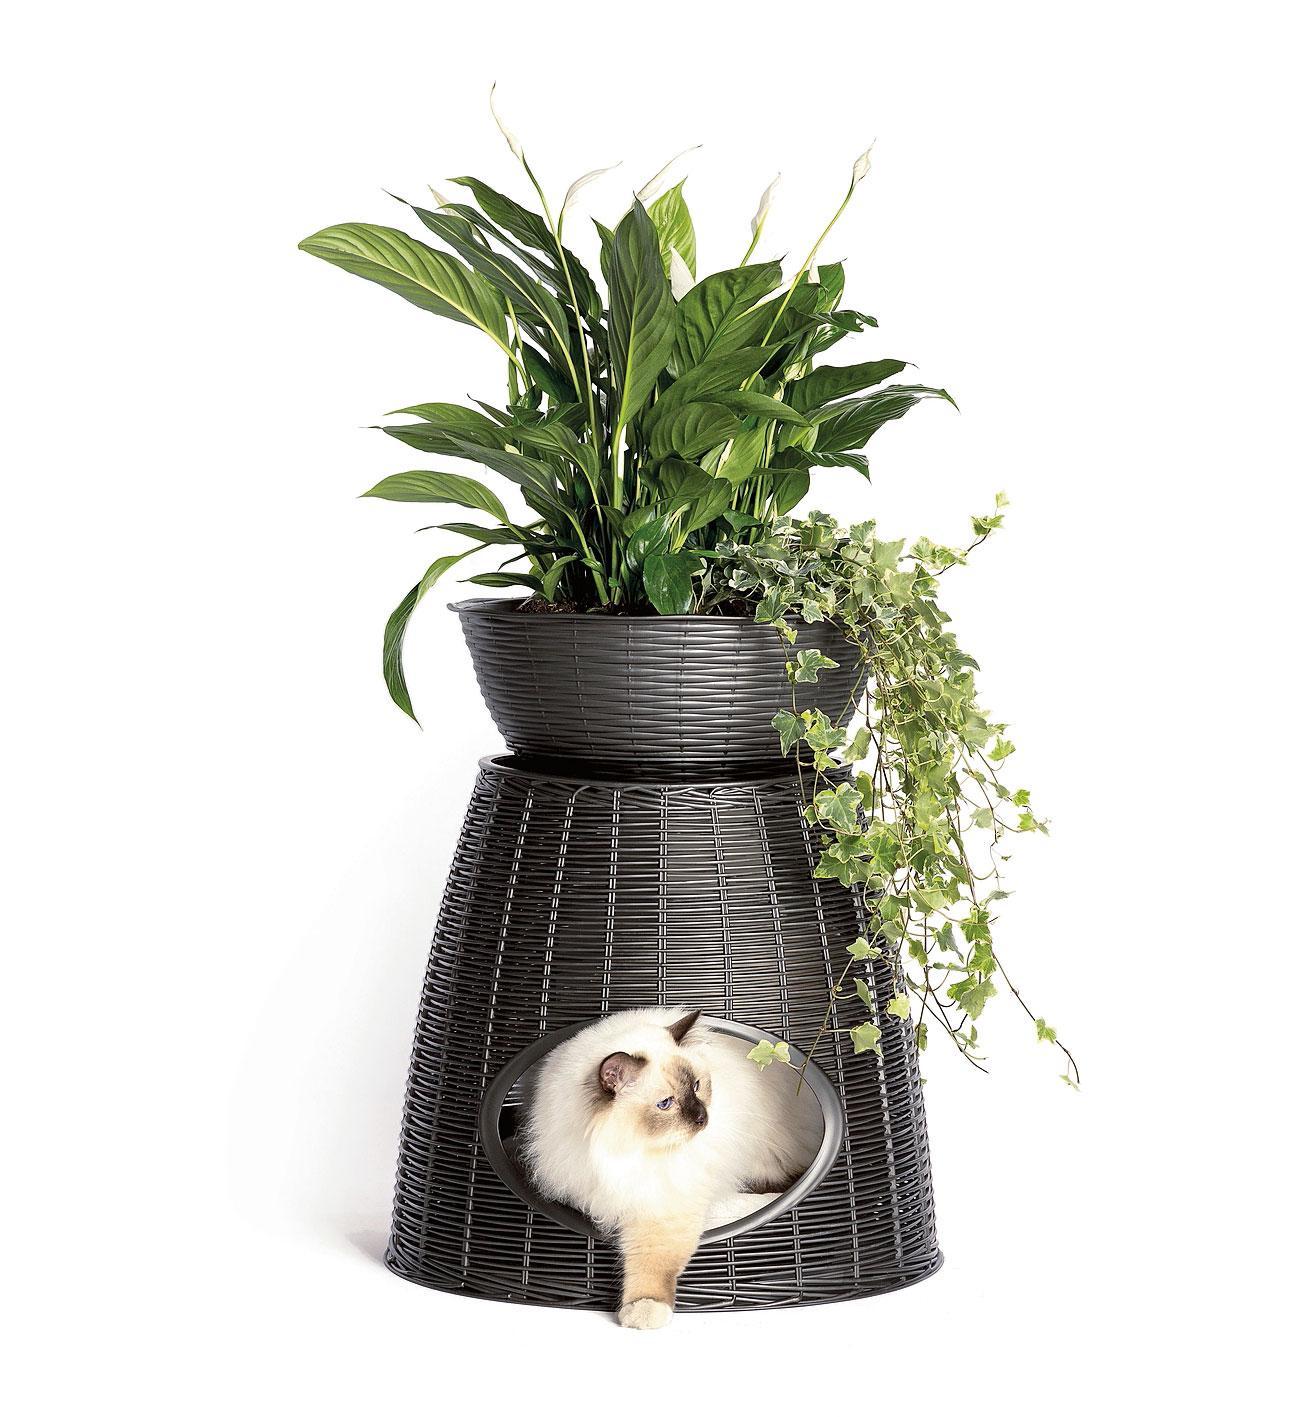 Portavasi per le piante in casa: idee per arredare interni ...